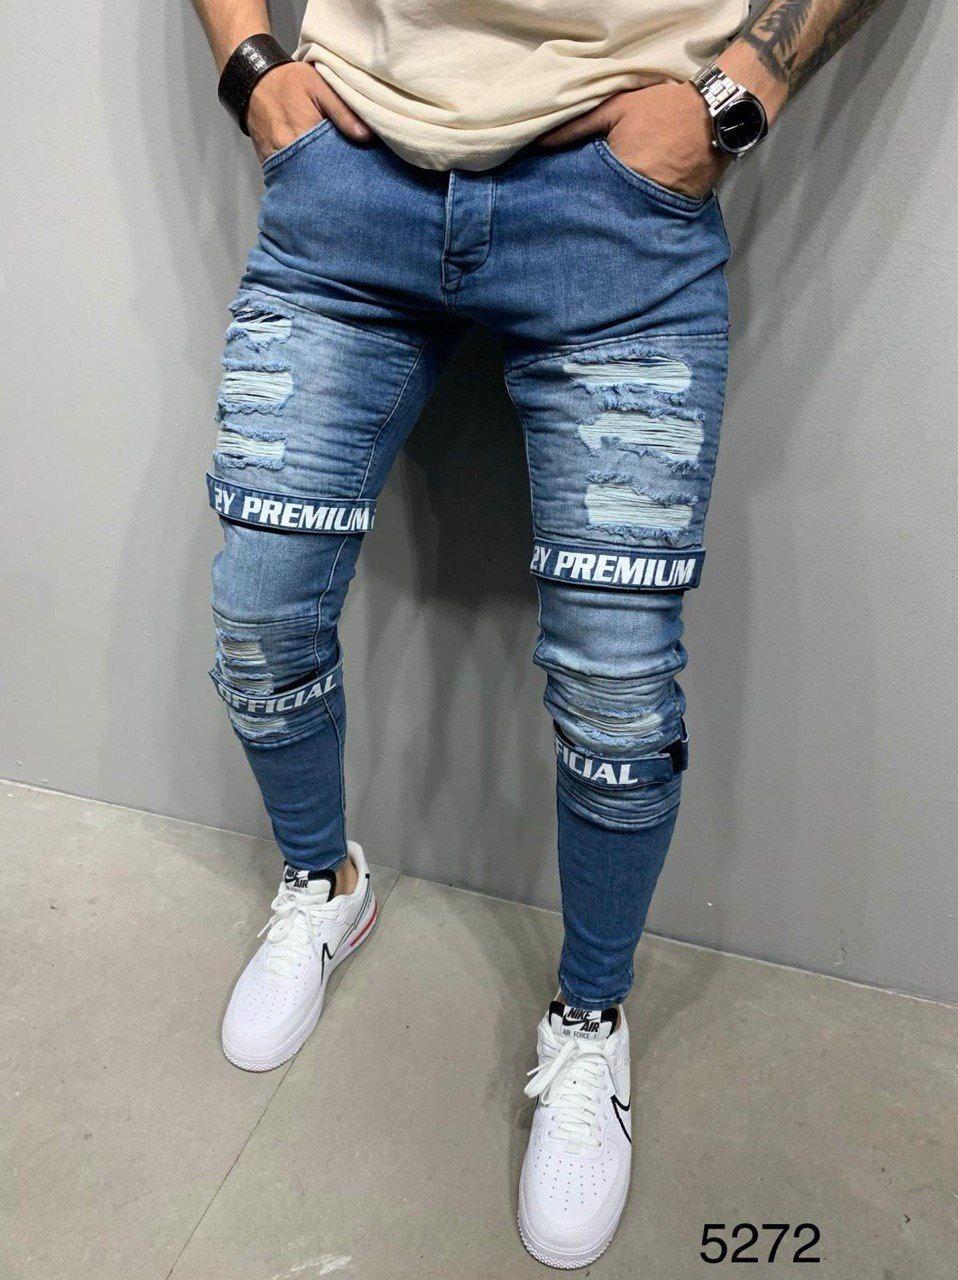 Чоловічі джинси сині 2Y Premium 5272